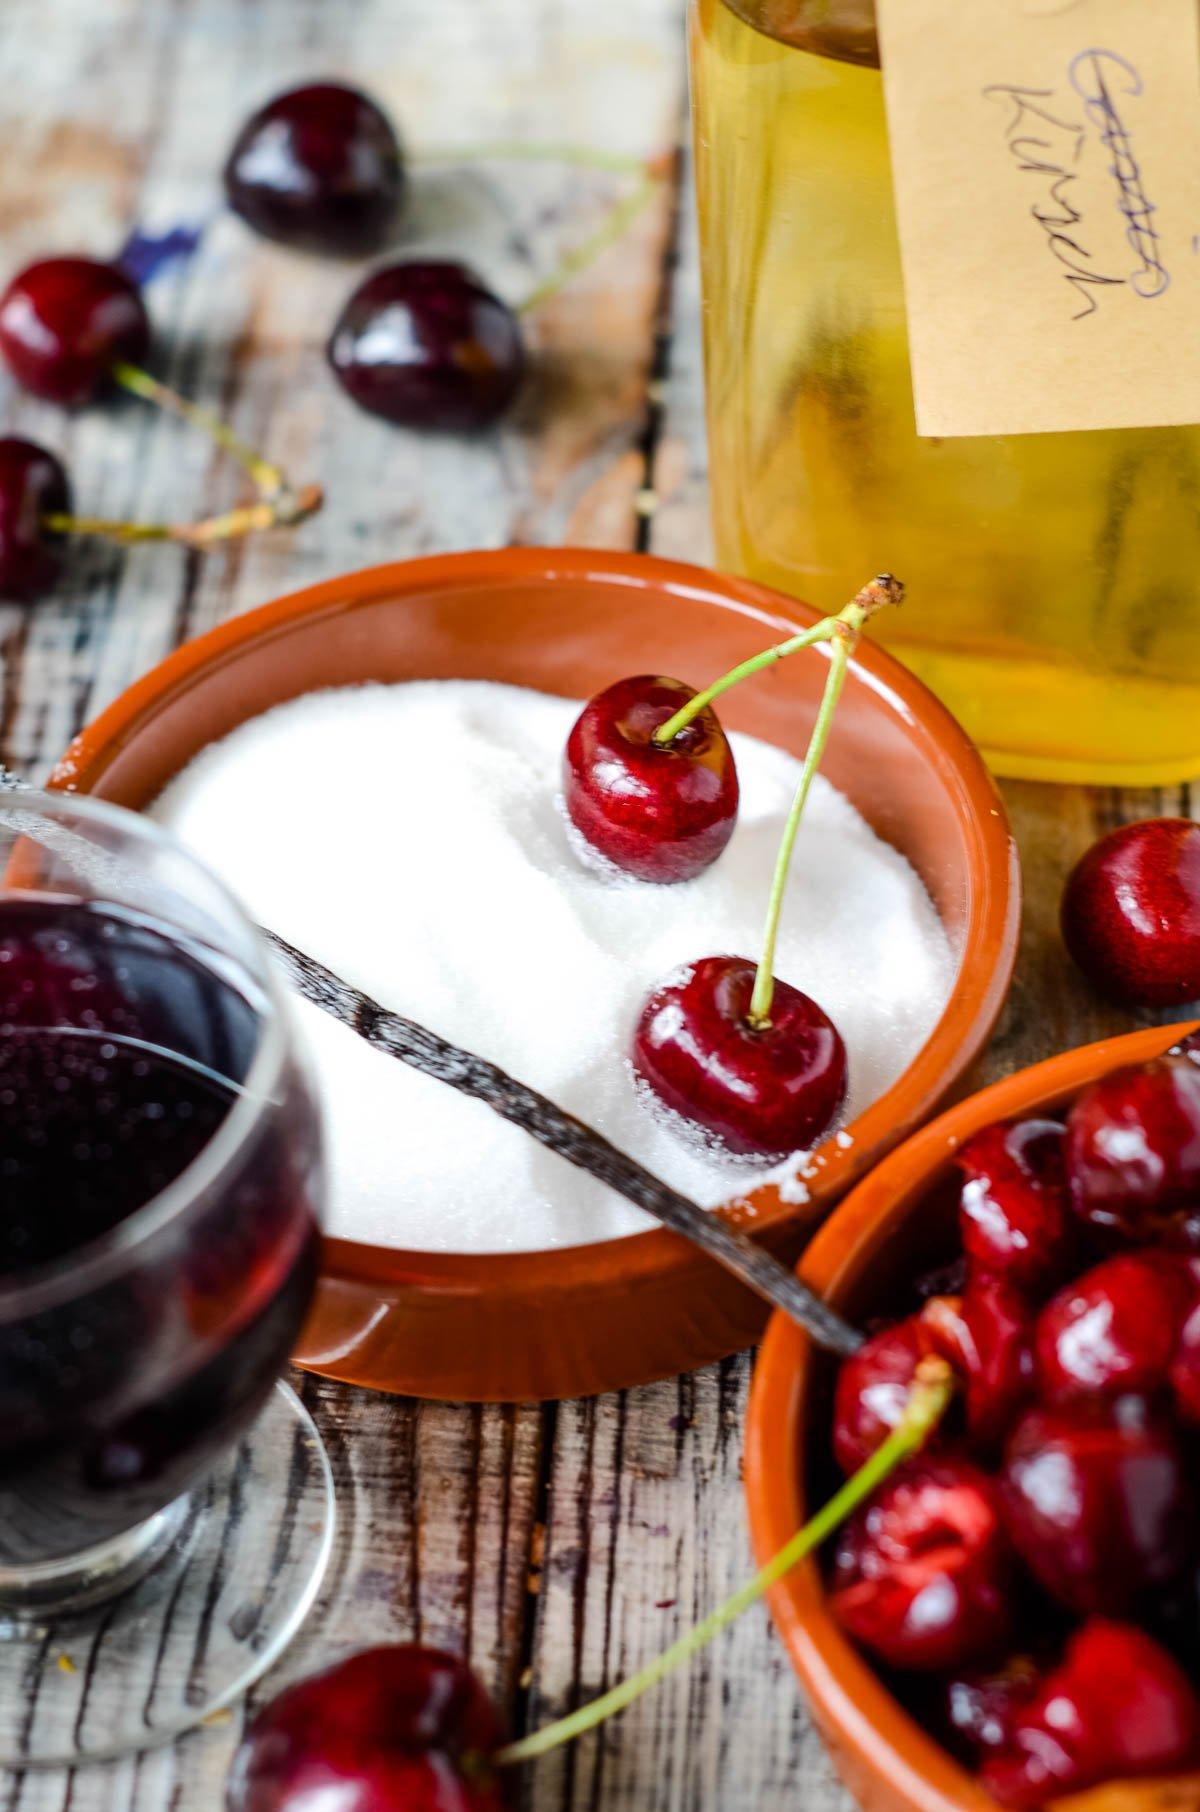 ingredients - cherries, red wine, kirsch, sugar and vanilla